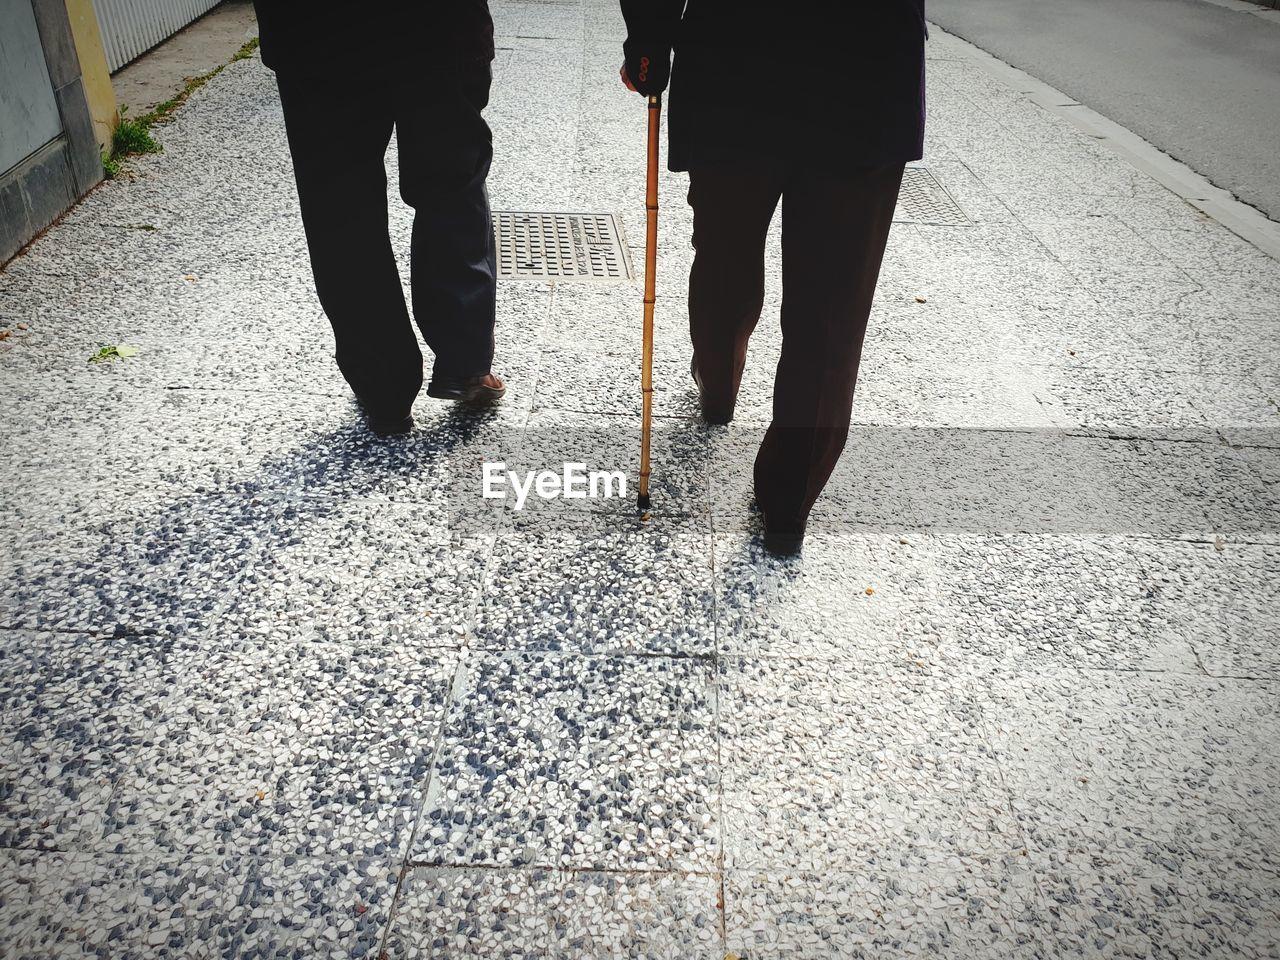 Low section of men walking on sidewalk